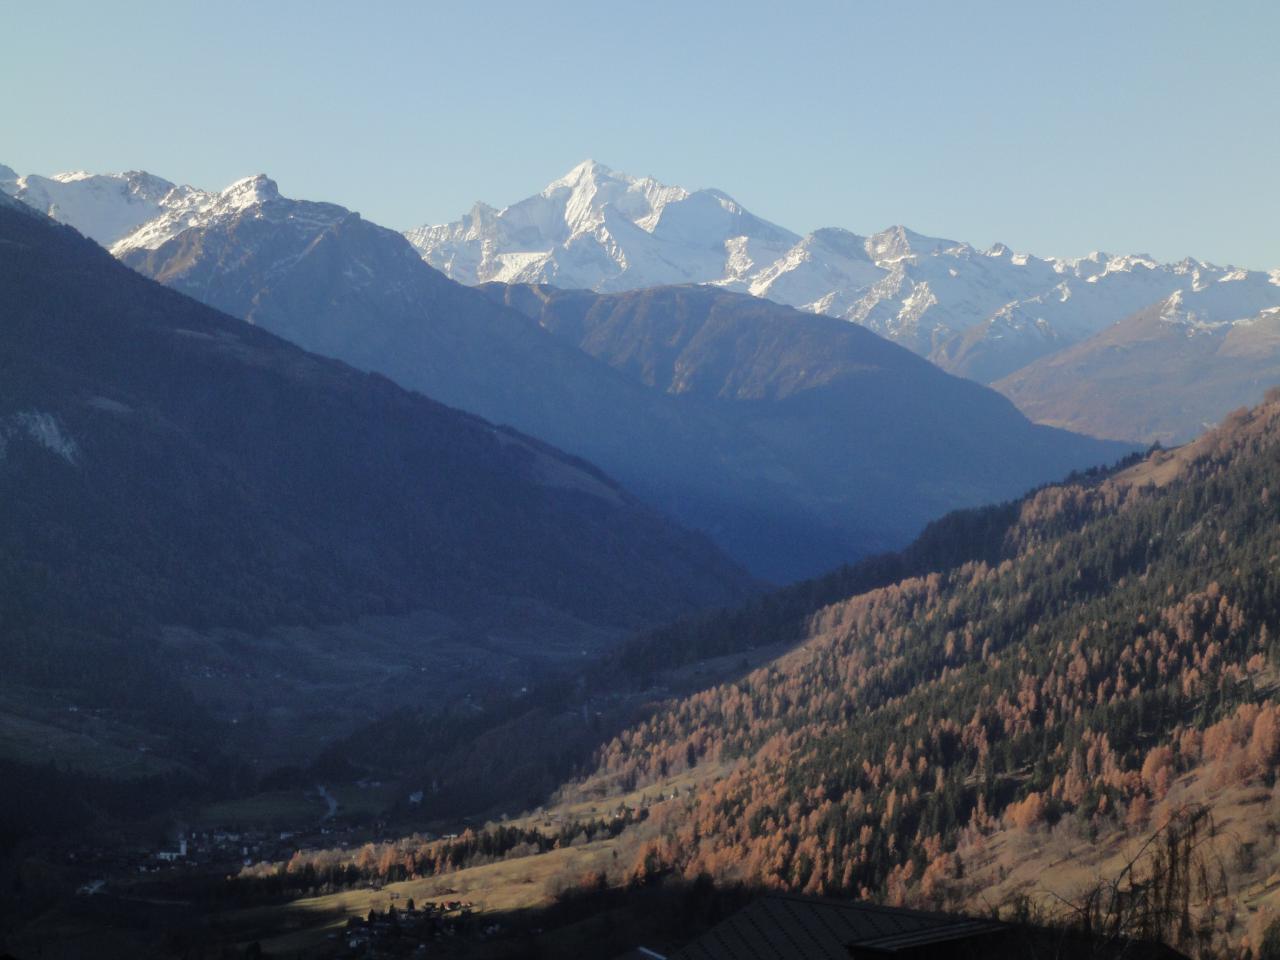 Appartement de vacances Chalet Stefanino, 2 1/2 Zimmer (488625), Bellwald, Aletsch - Conches, Valais, Suisse, image 10